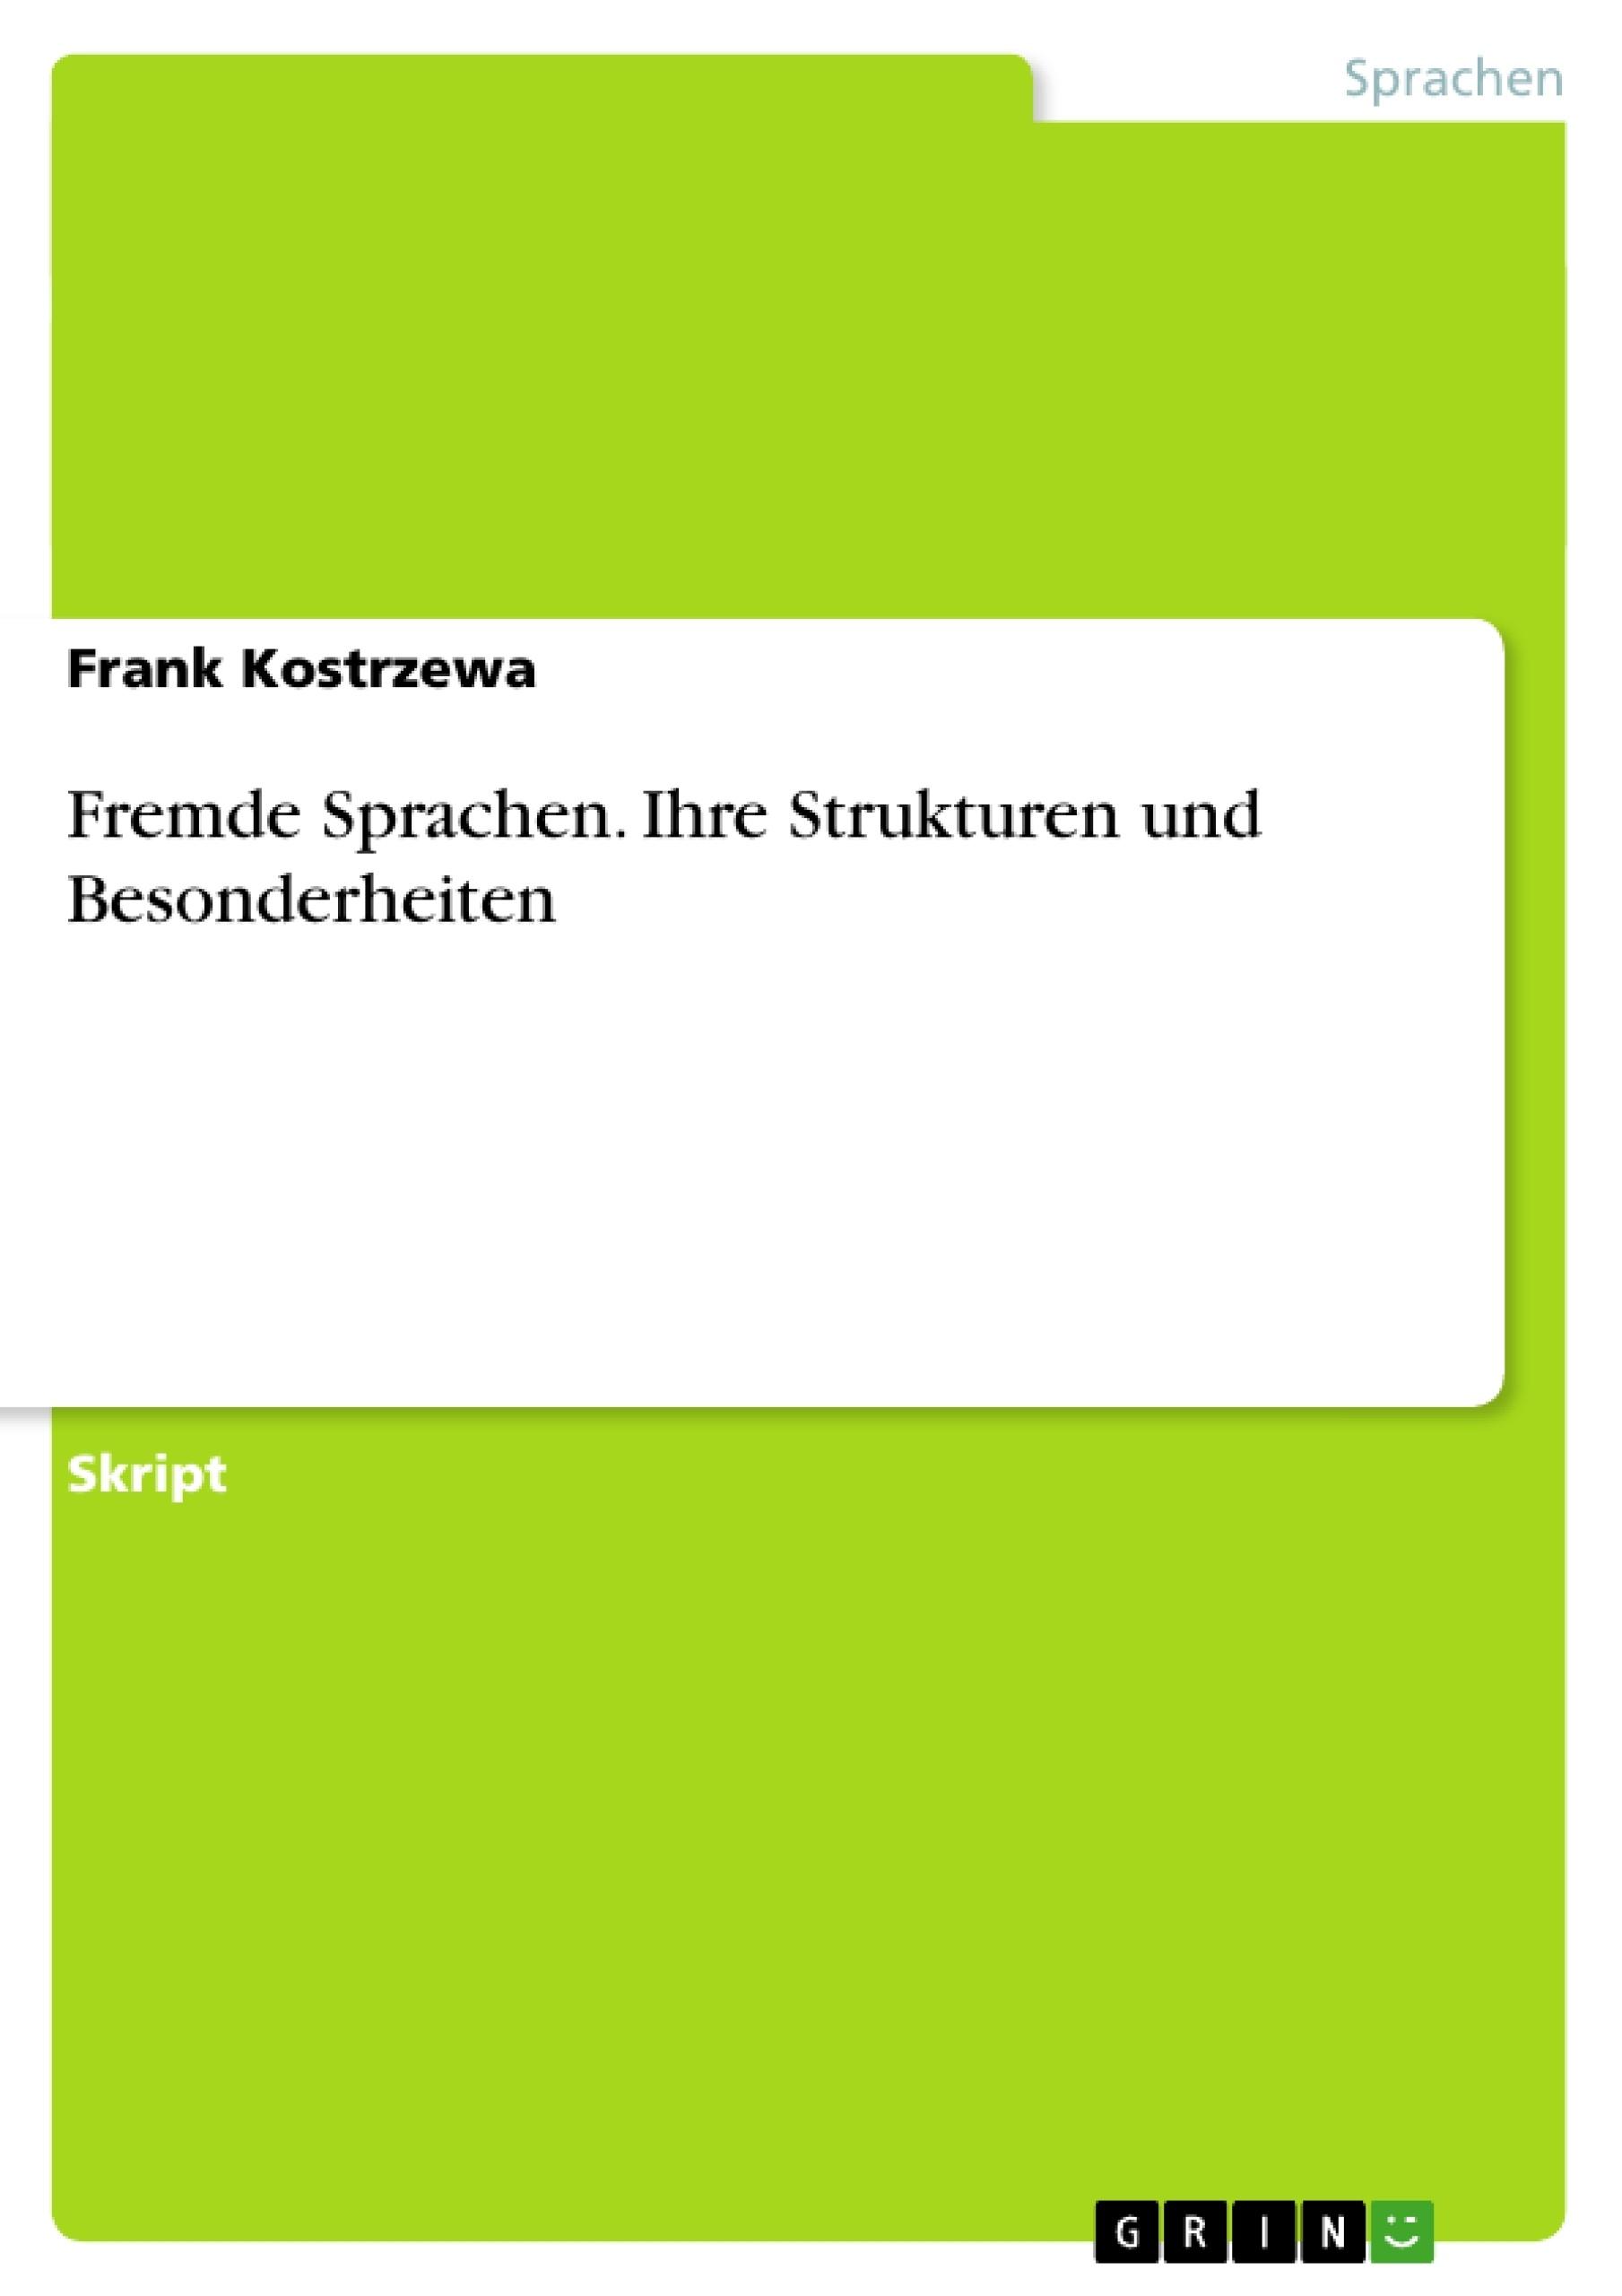 Titel: Fremde Sprachen. Ihre Strukturen und Besonderheiten